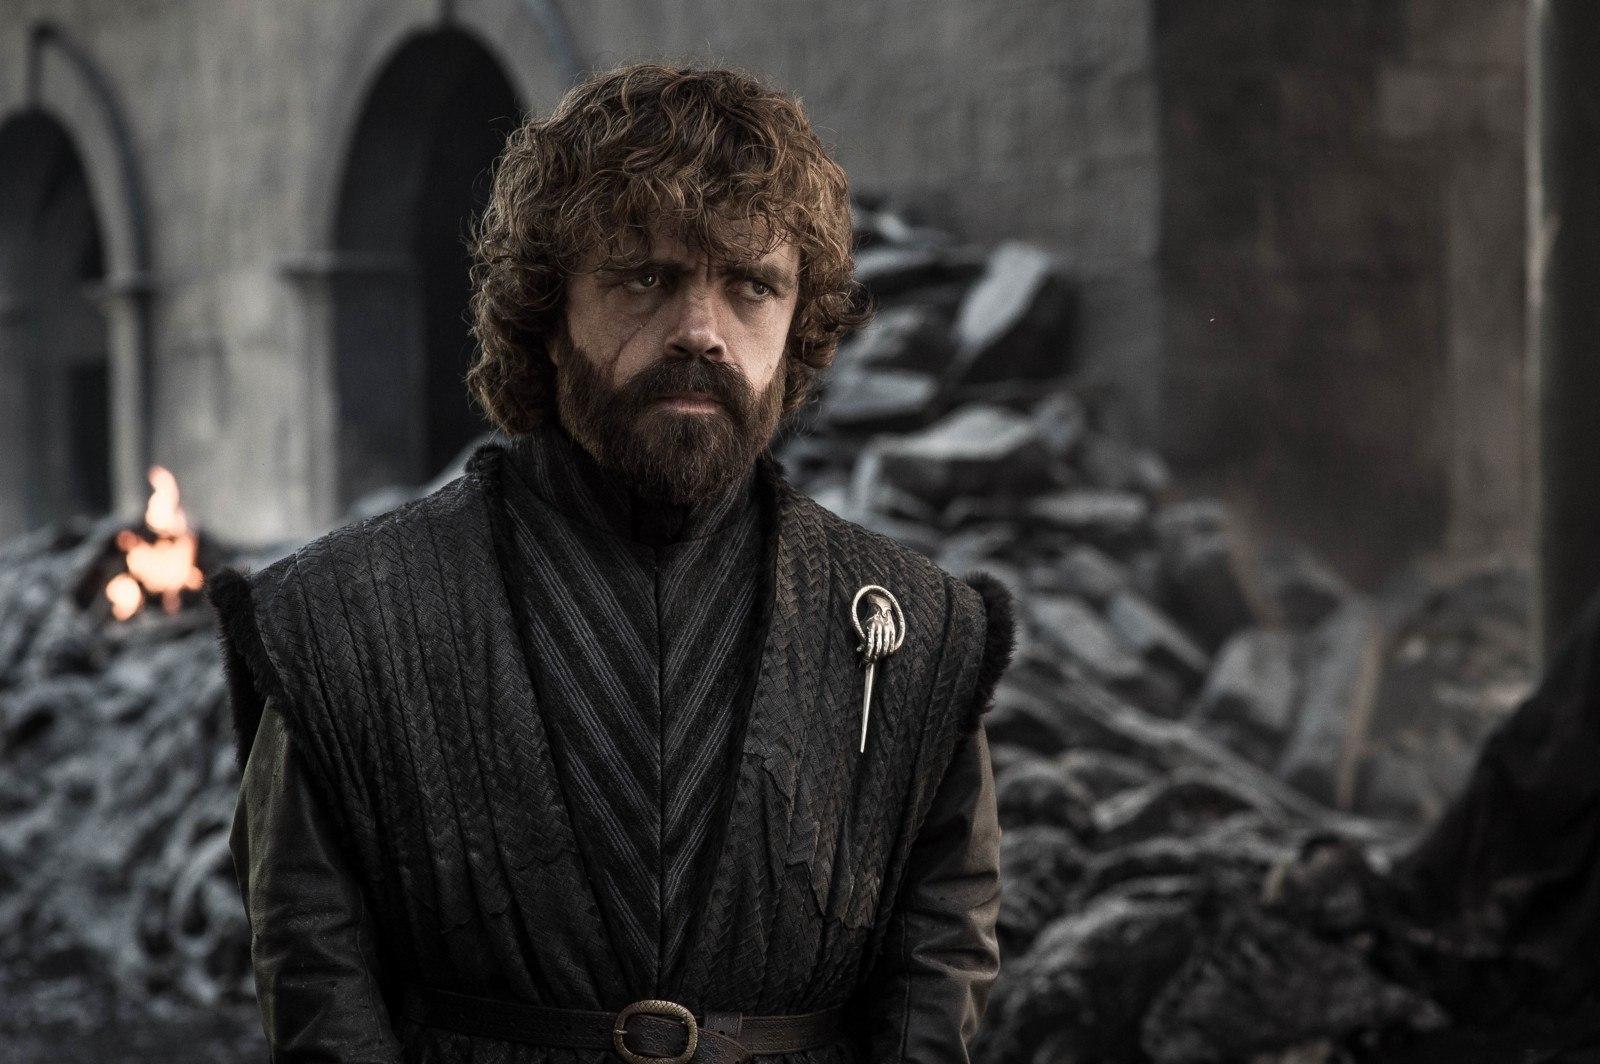 Fotograma  de Peter Dinklage (Tyrion Lannister).